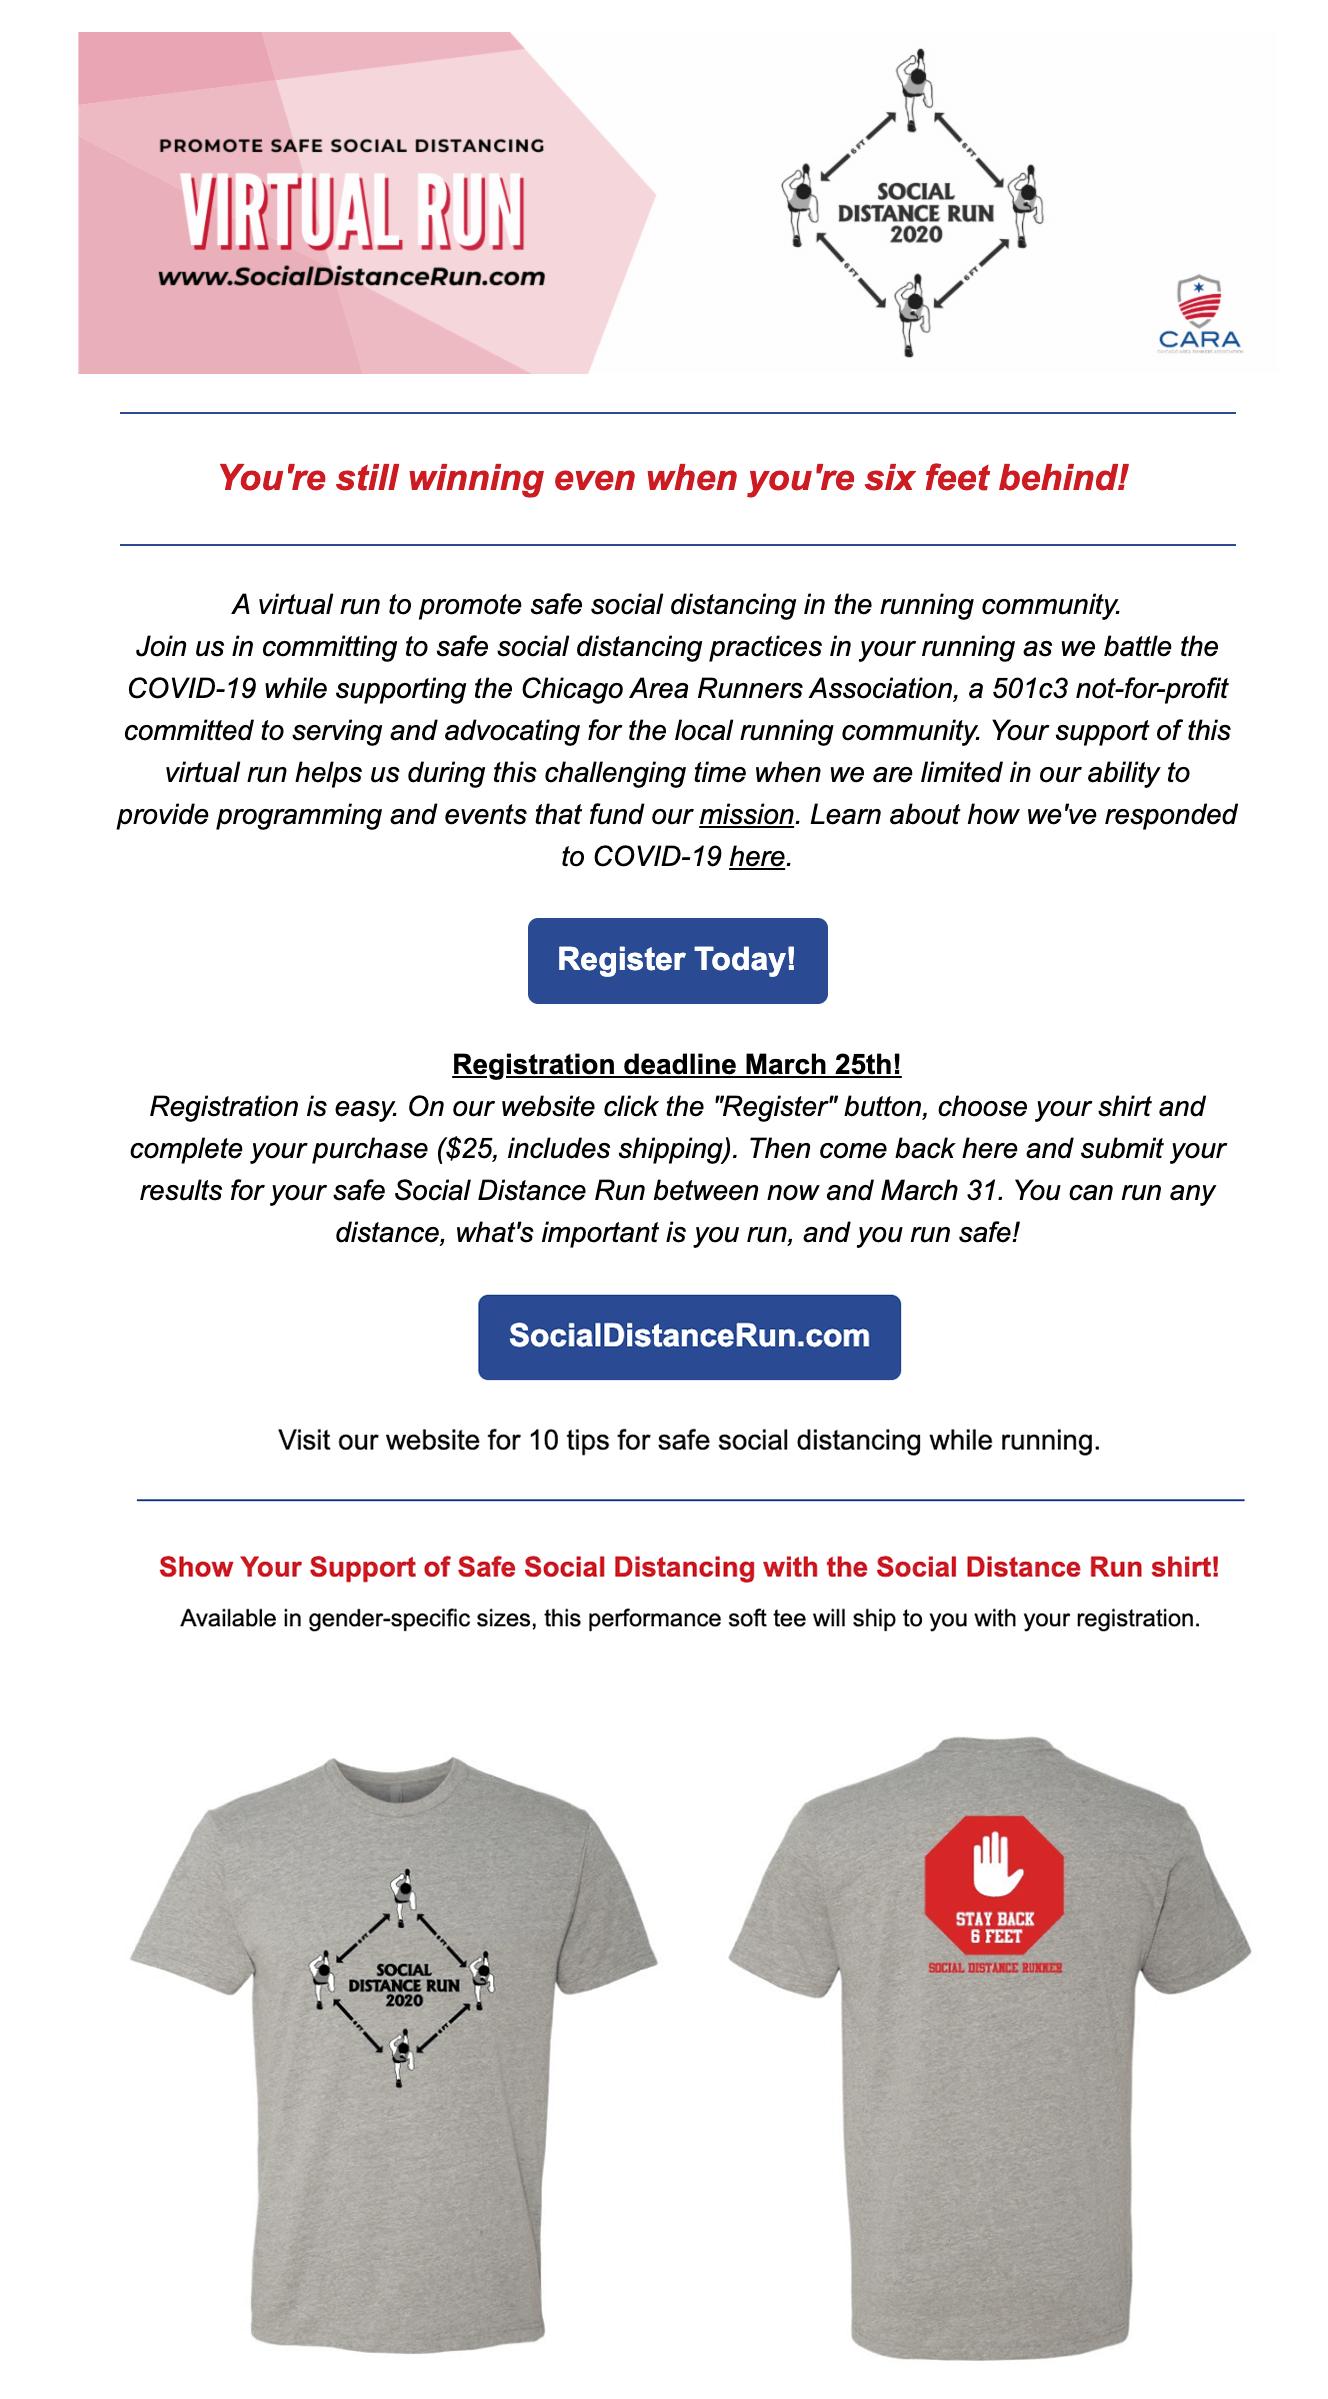 CARA email